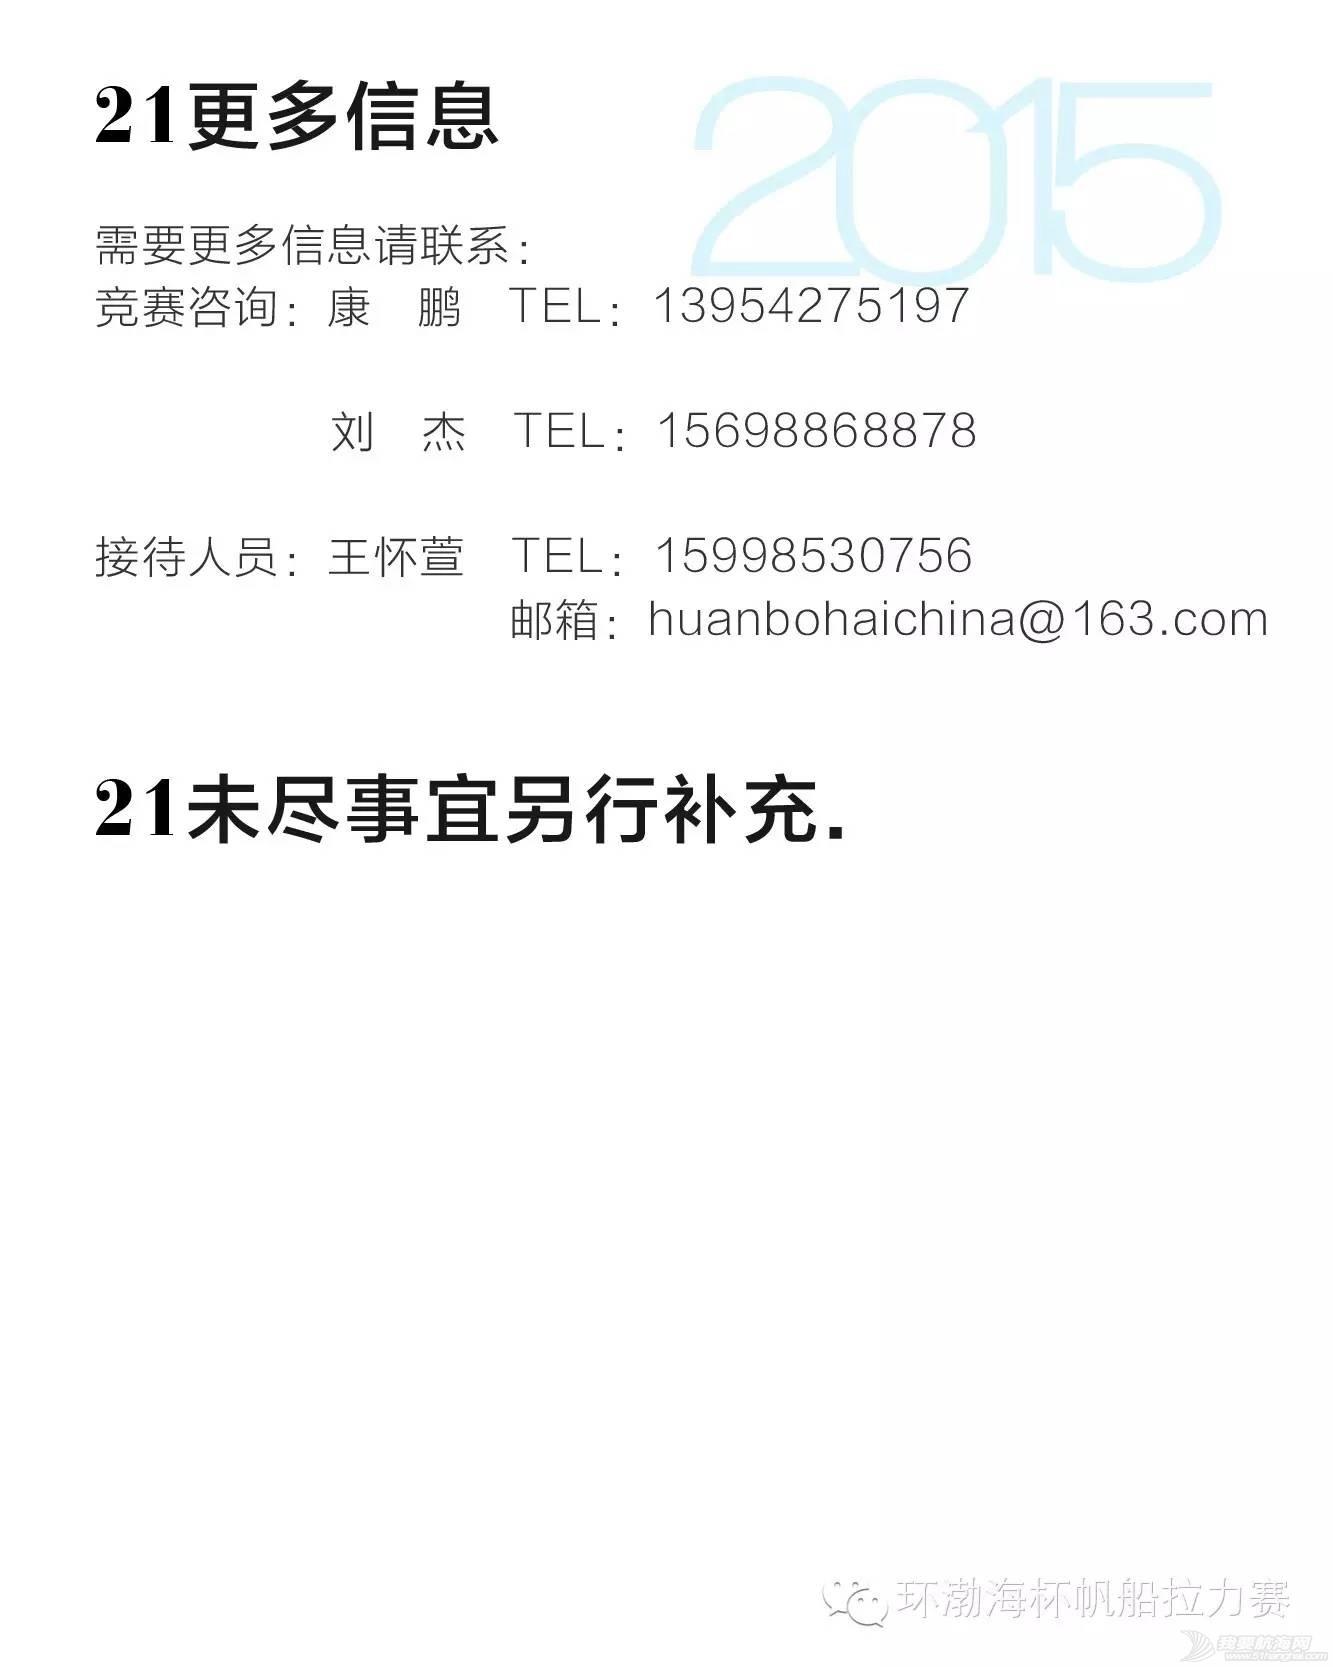 拉力赛,中国,渤海,帆船 2015中国环渤海帆船拉力赛竞赛通知 684dbbf545f2776baf2a182506346b7c.jpg